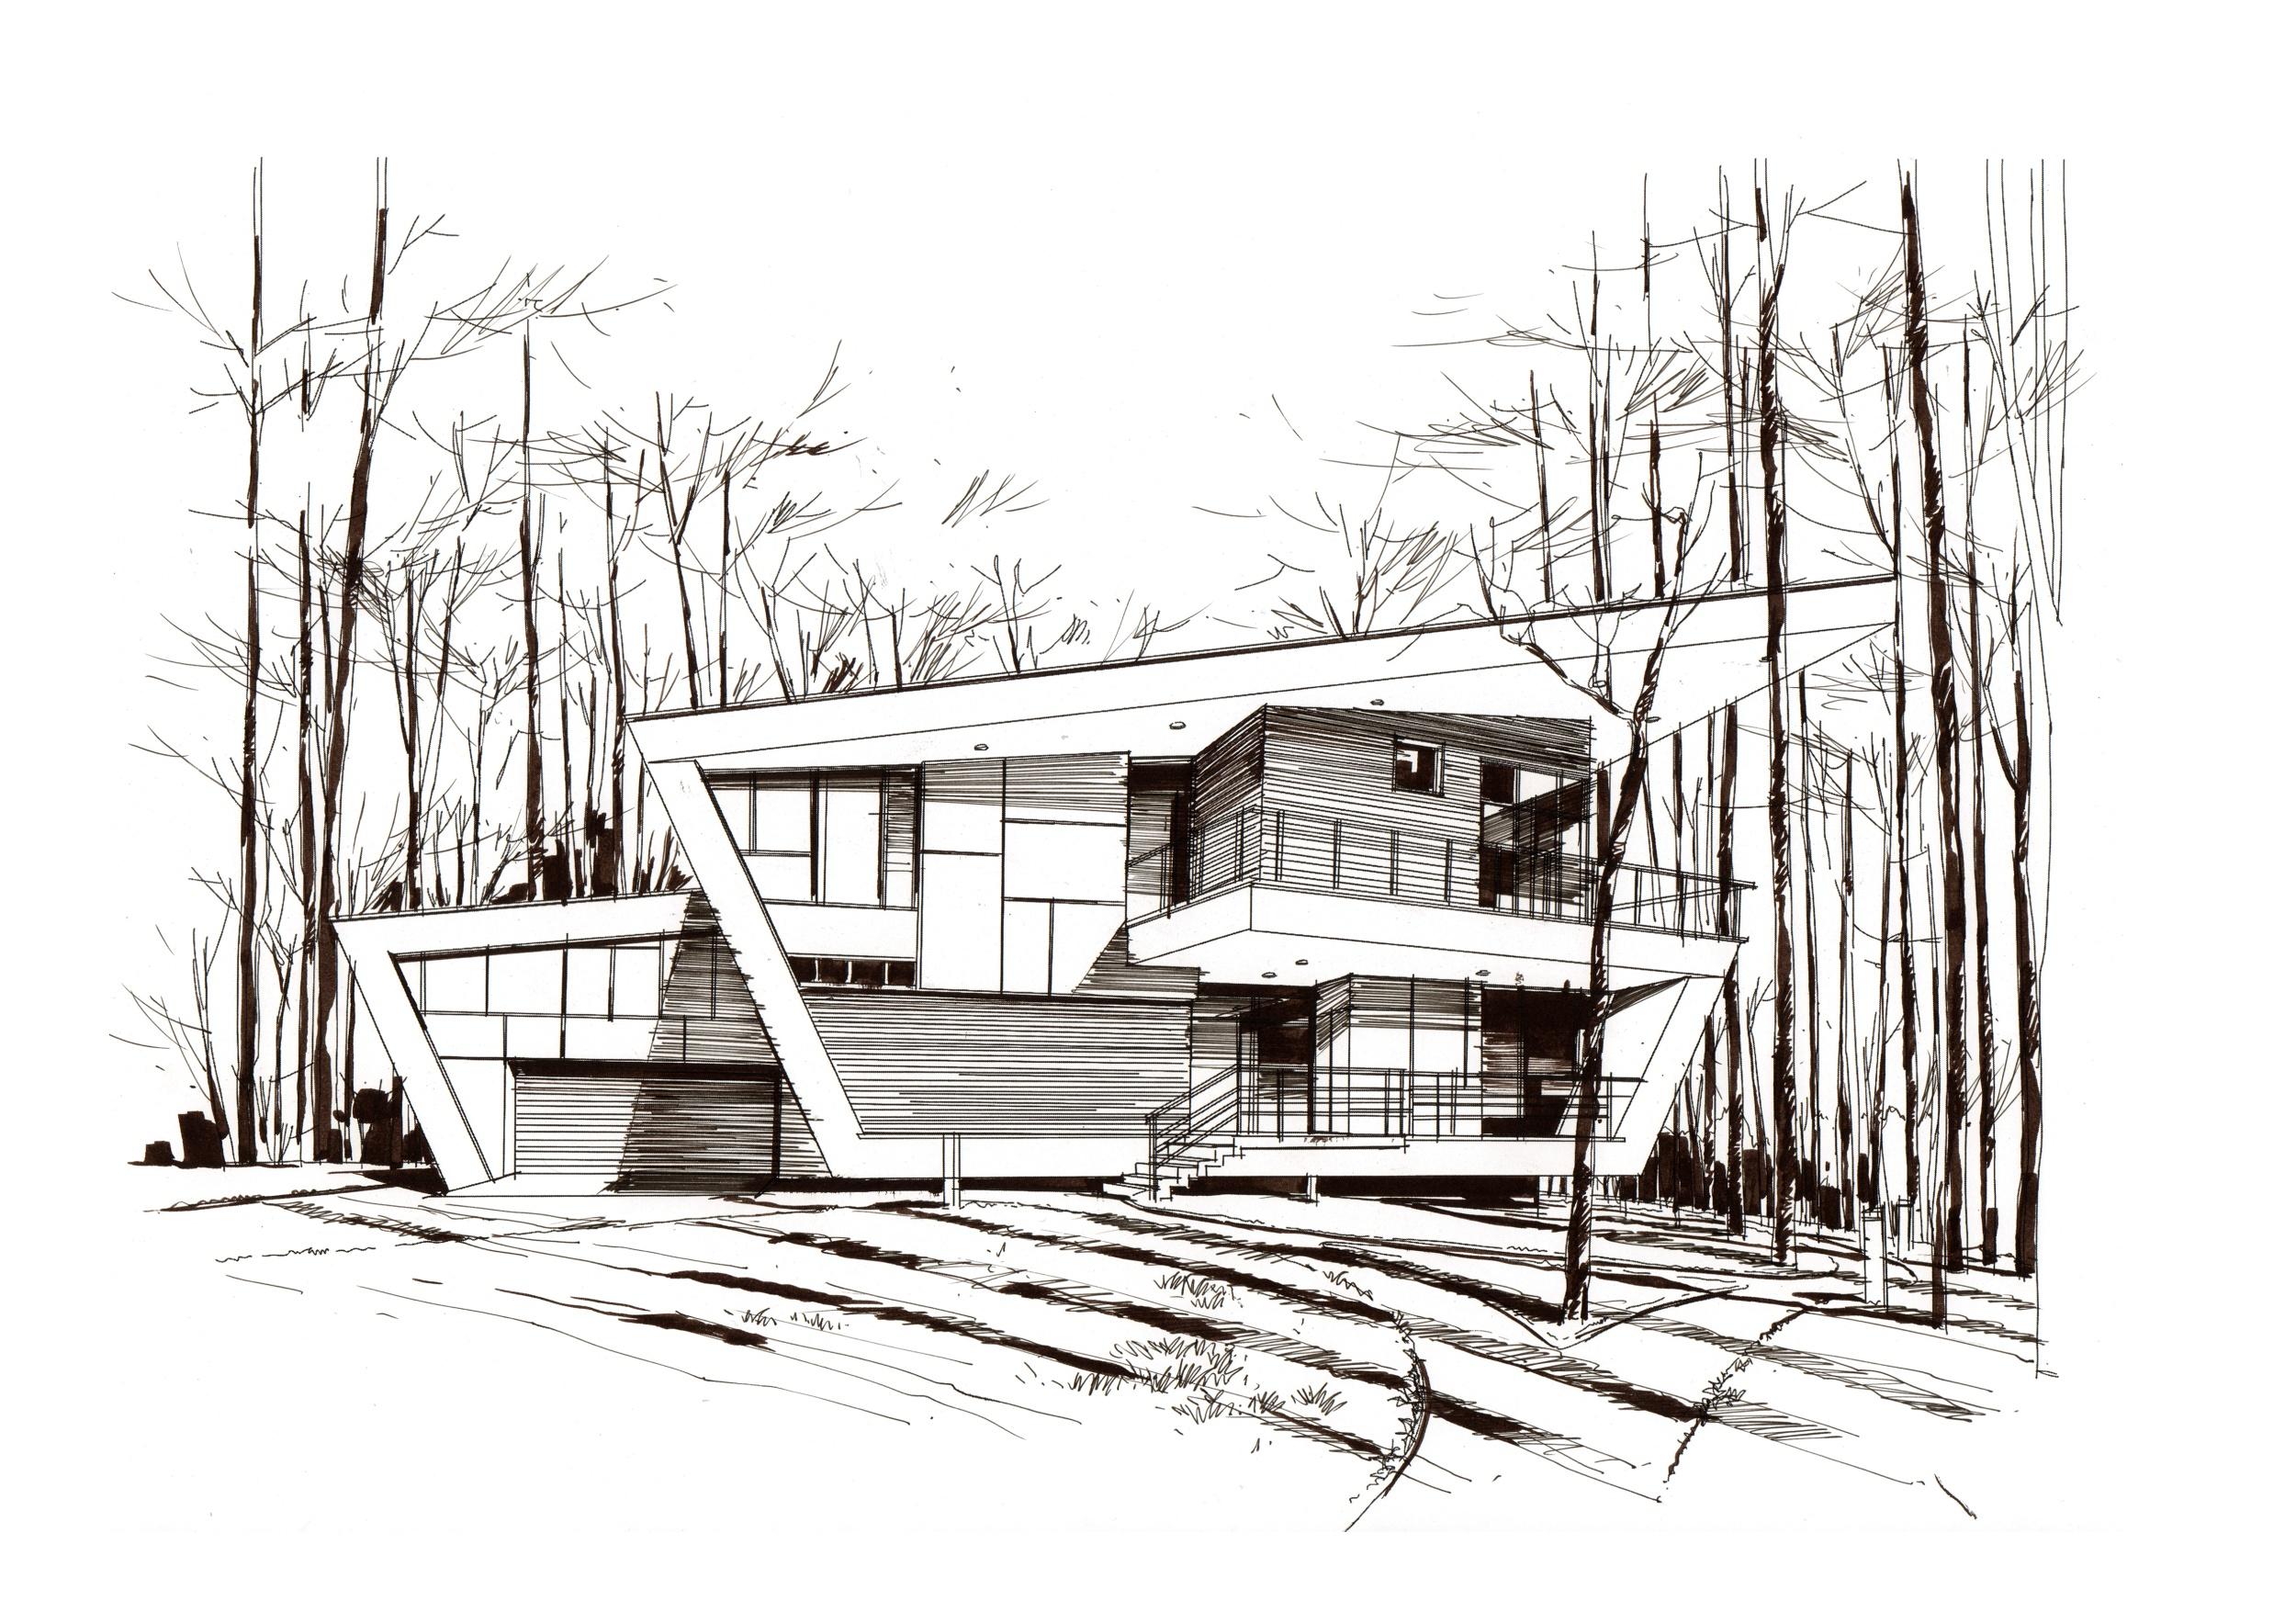 建筑手绘|空间|建筑设计|pengbobo - 原创作品 - 站酷